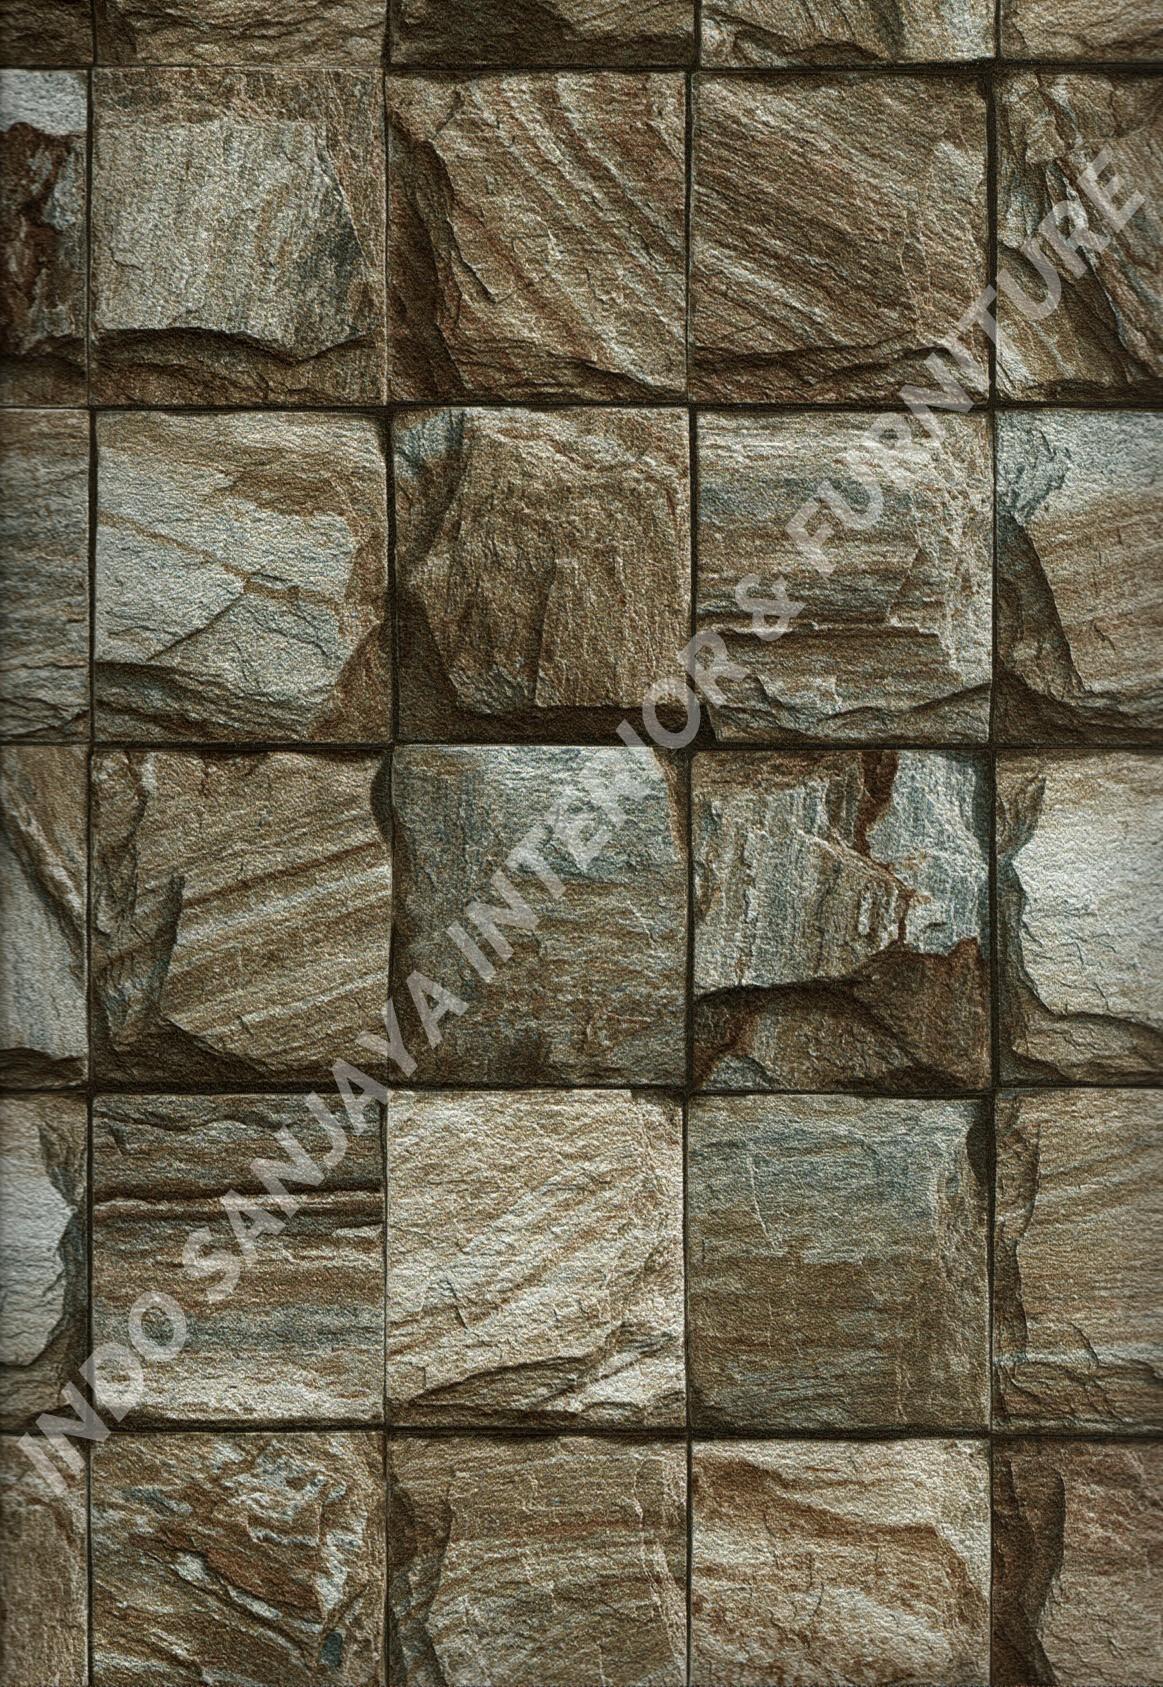 wallpaper   Wallpaper Batu-Batuan 40108-3:40108-3 corak  warna